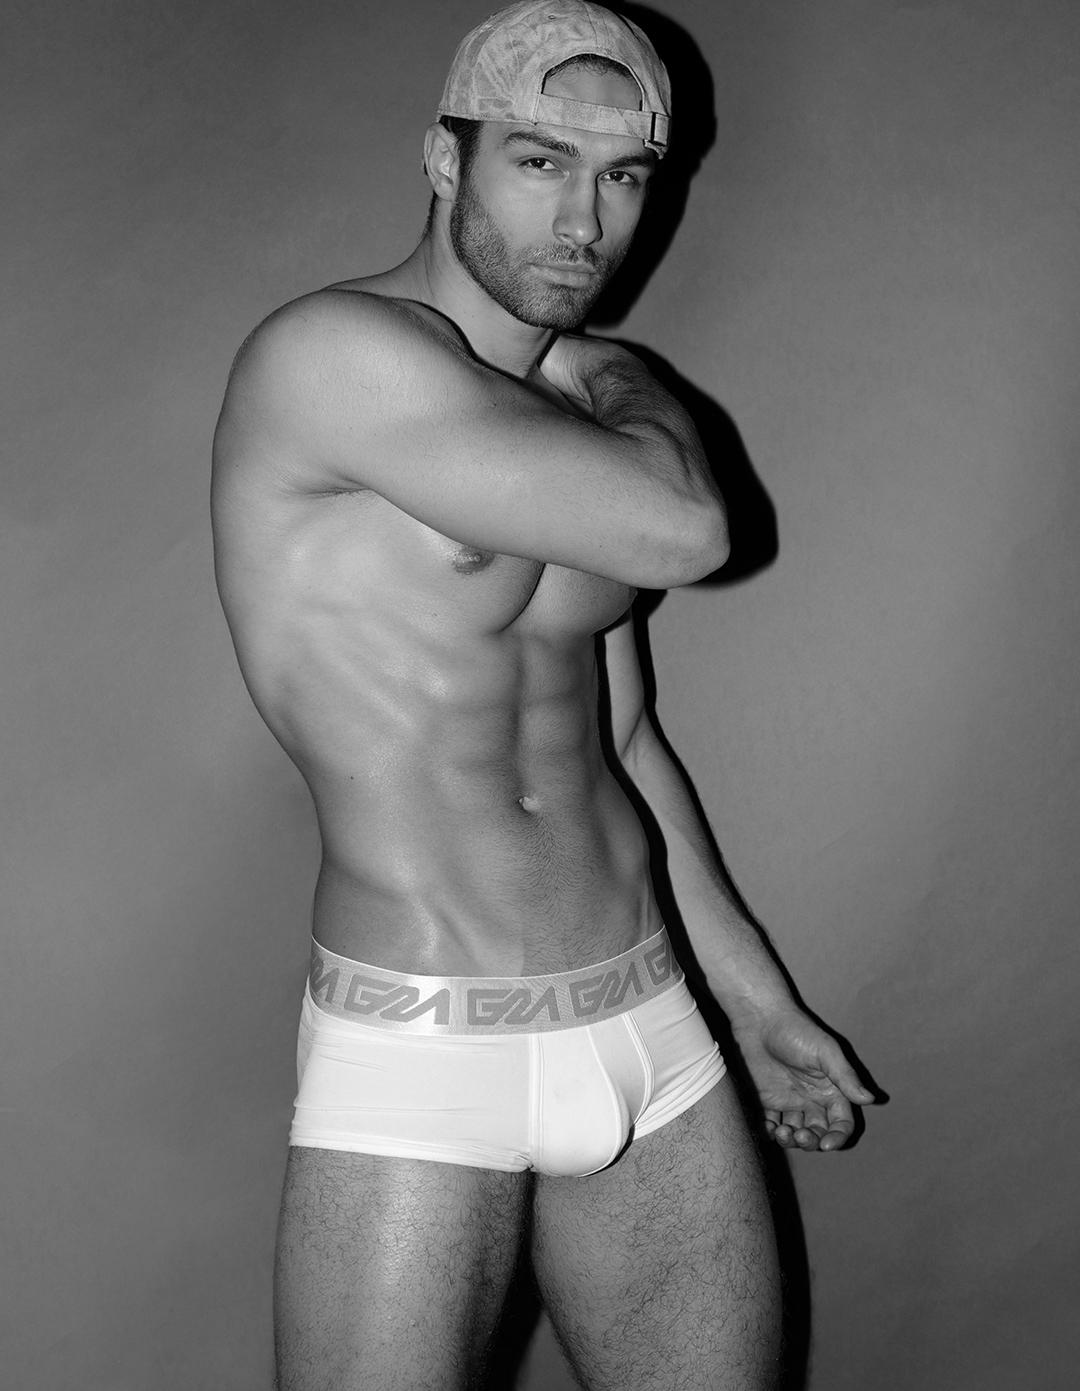 2018072210520543 - 美国健身肌肉男模 Łukasz Zarazowski